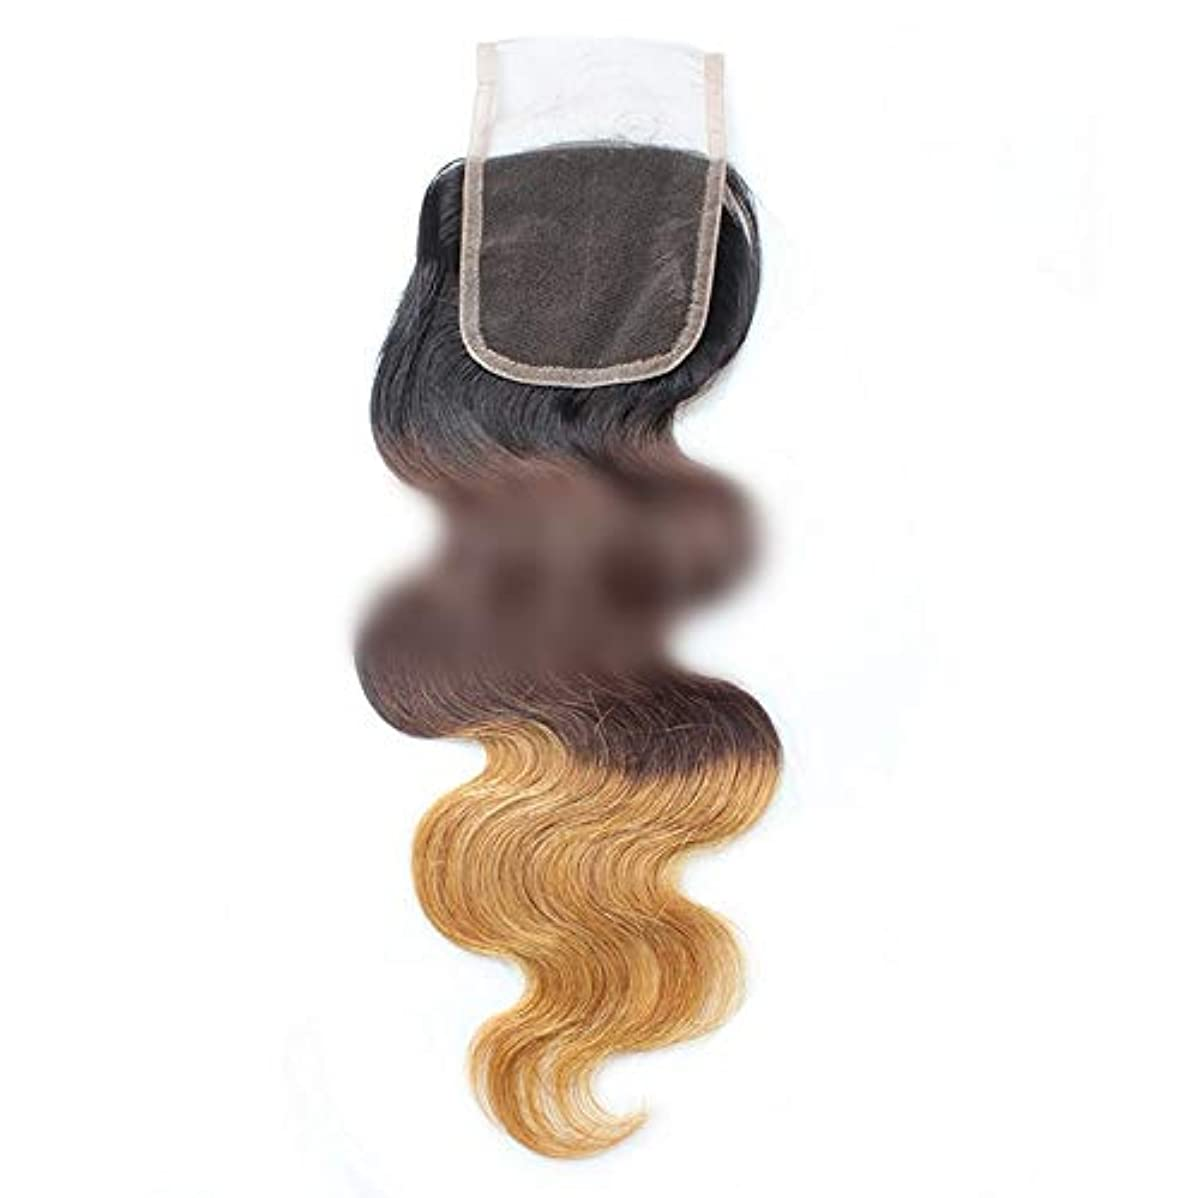 属性歌規制するWASAIO ヘアエクステンションブラジルバンドルボディウェーブ4X4レースフロンタル閉鎖ヒトブラックブラウン3トーンのカラーリングを金髪にします (色 : ブラウン, サイズ : 16 inch)